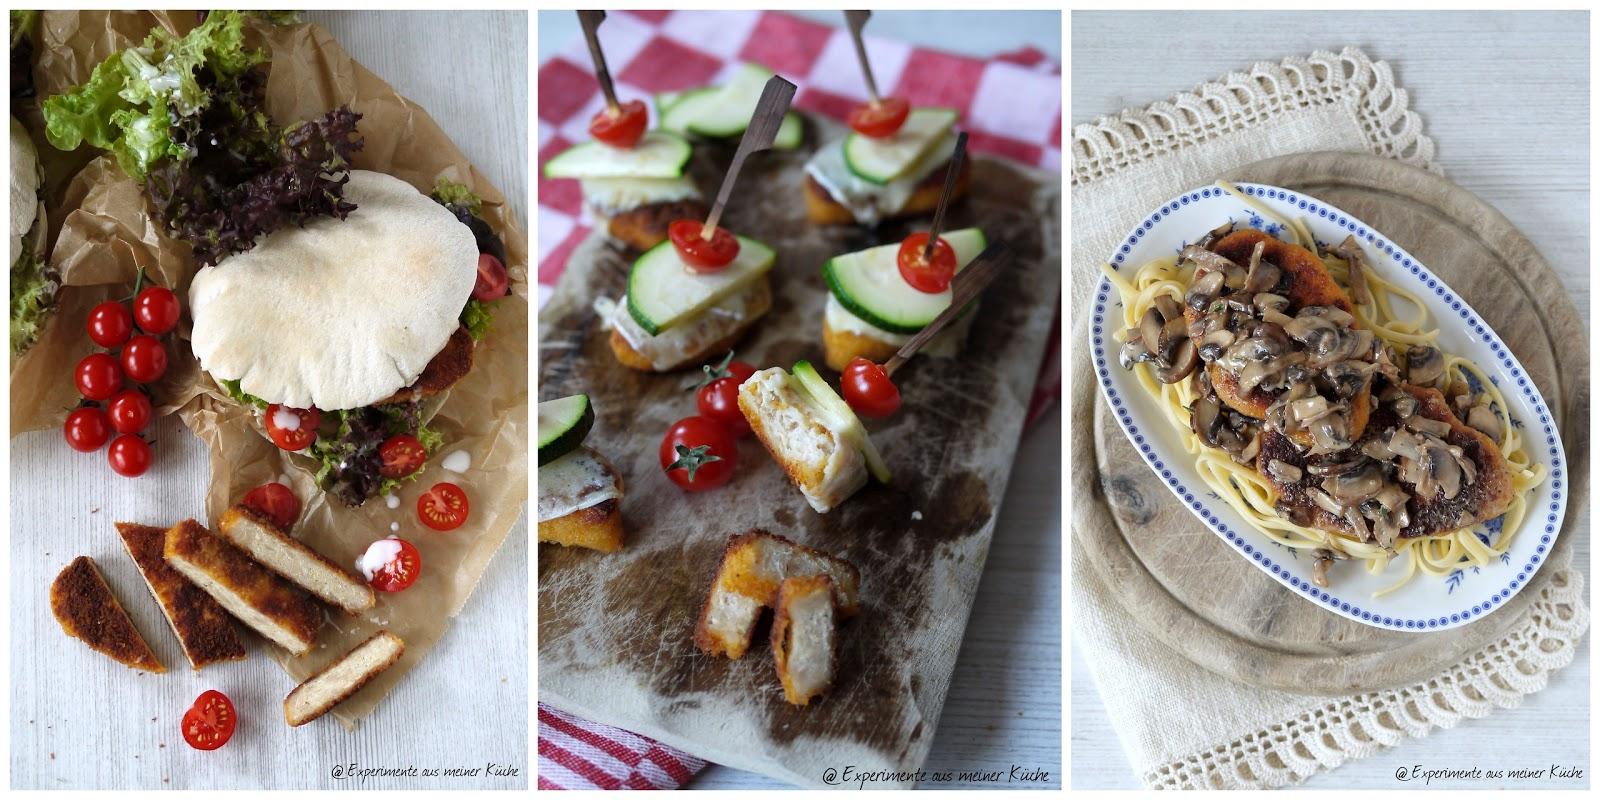 Experimente Aus Meiner Küche Instagram | Experimente Aus Meiner ...